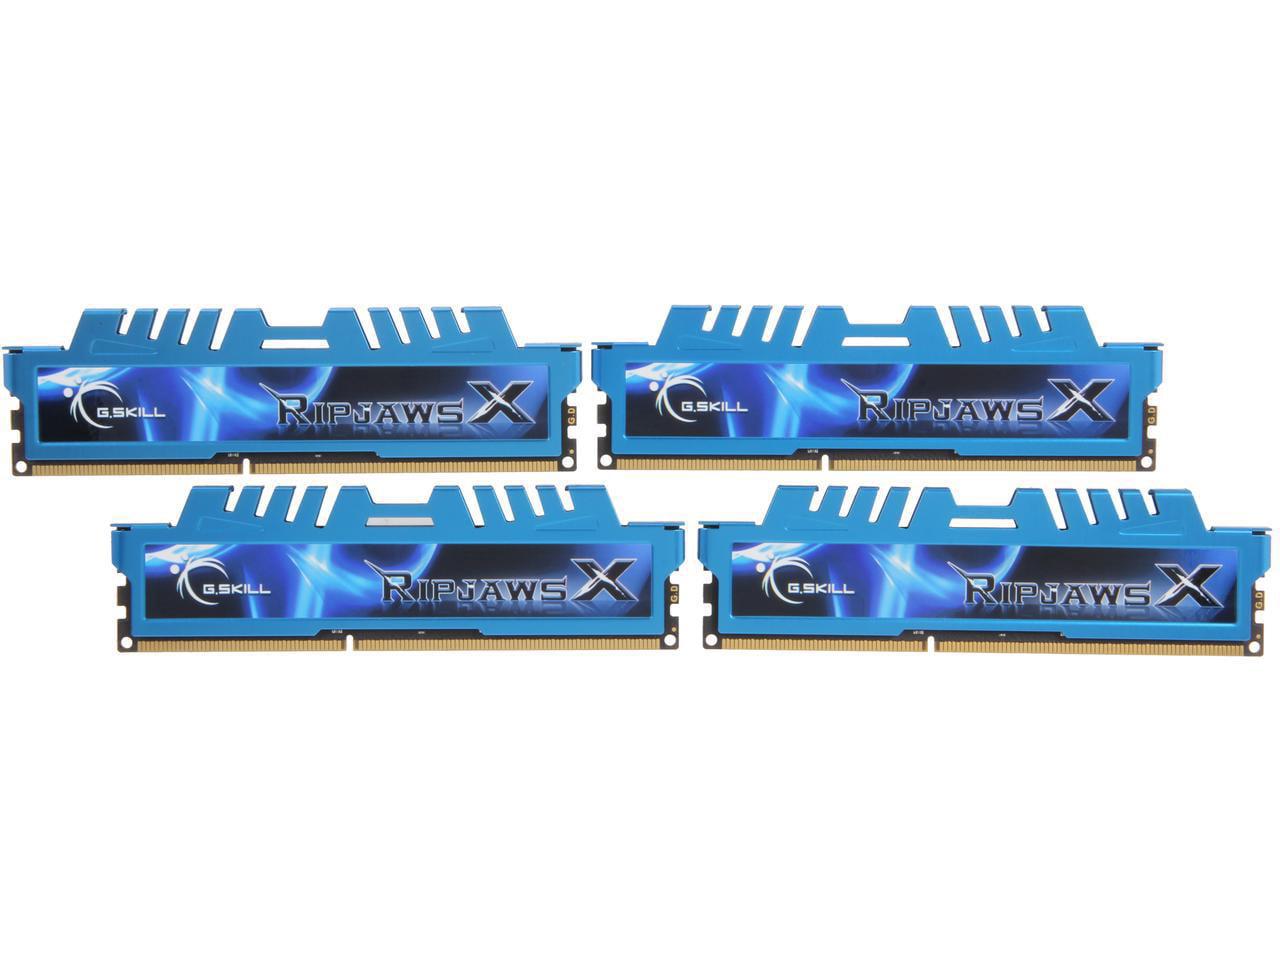 G.SKILL Ripjaws X Series 32GB (4x8GB) 240-Pin DDR3 866MHz DIMM F3-1866C9Q-32GXM